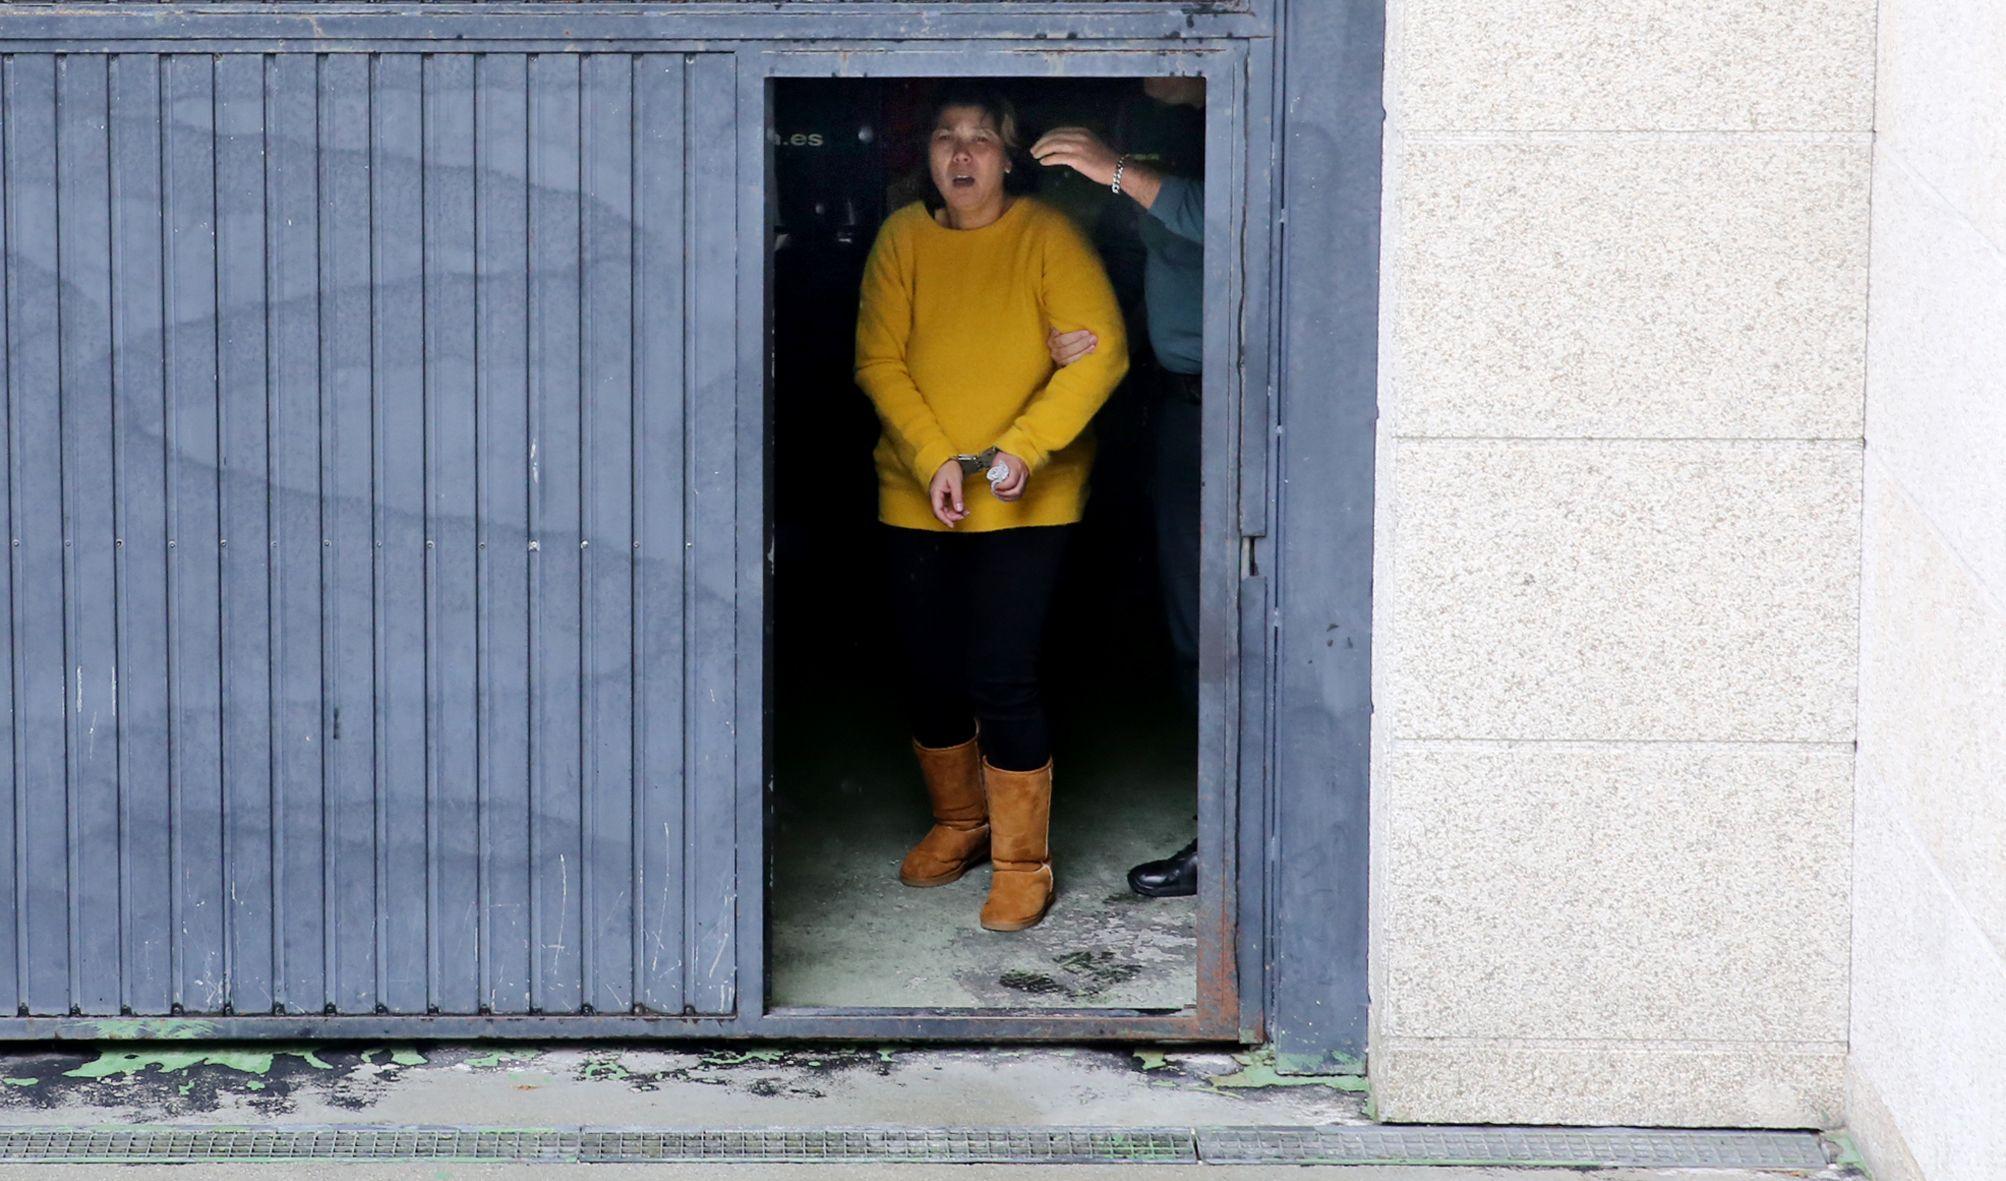 La detenida, al salir del juzgado rumbo a prisión